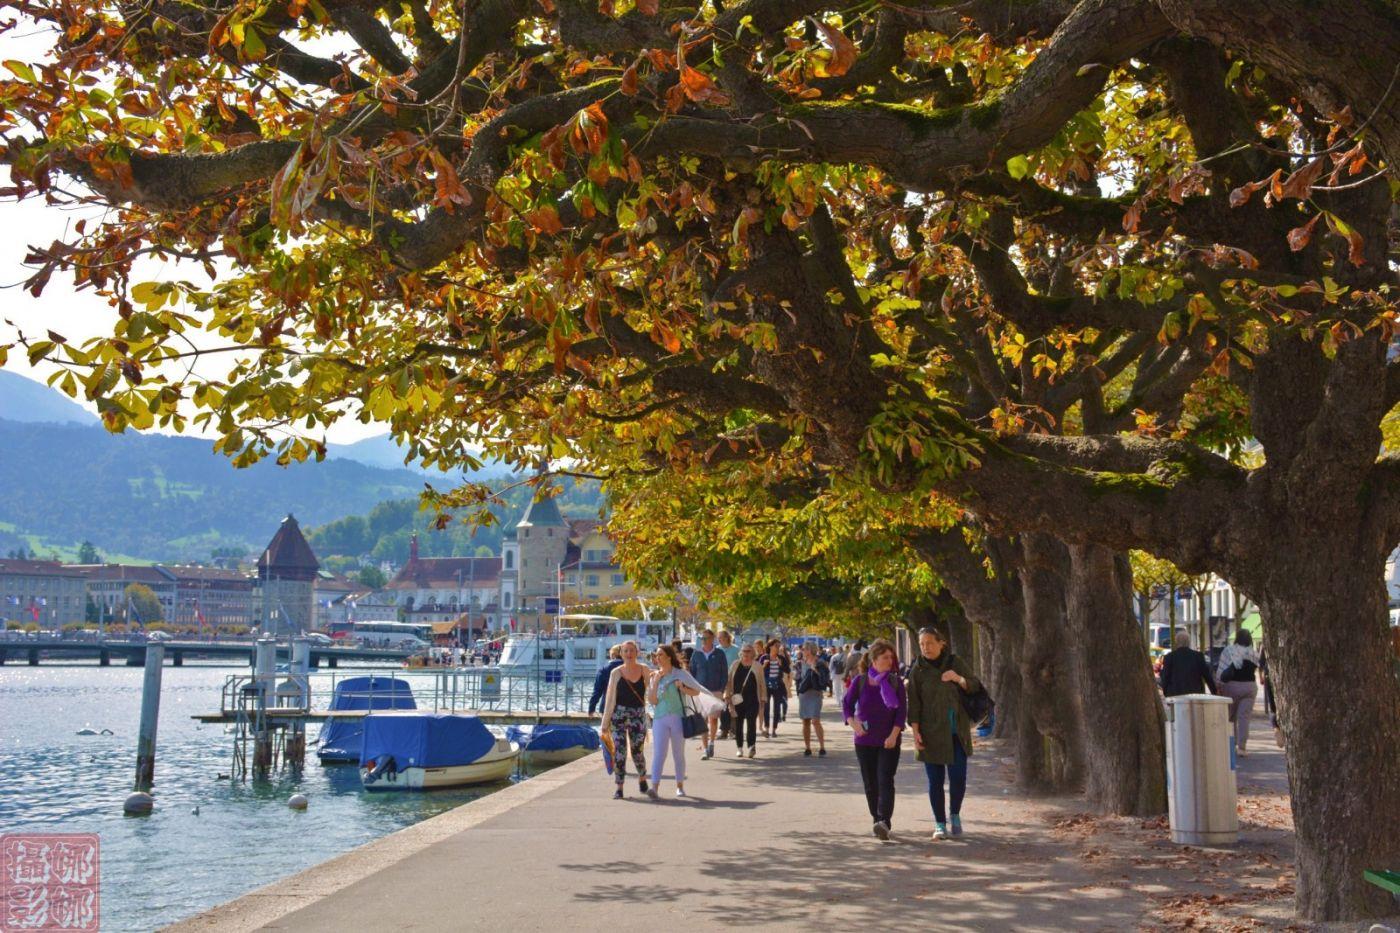 瑞士卢塞恩湖畔风光(一)_图1-16